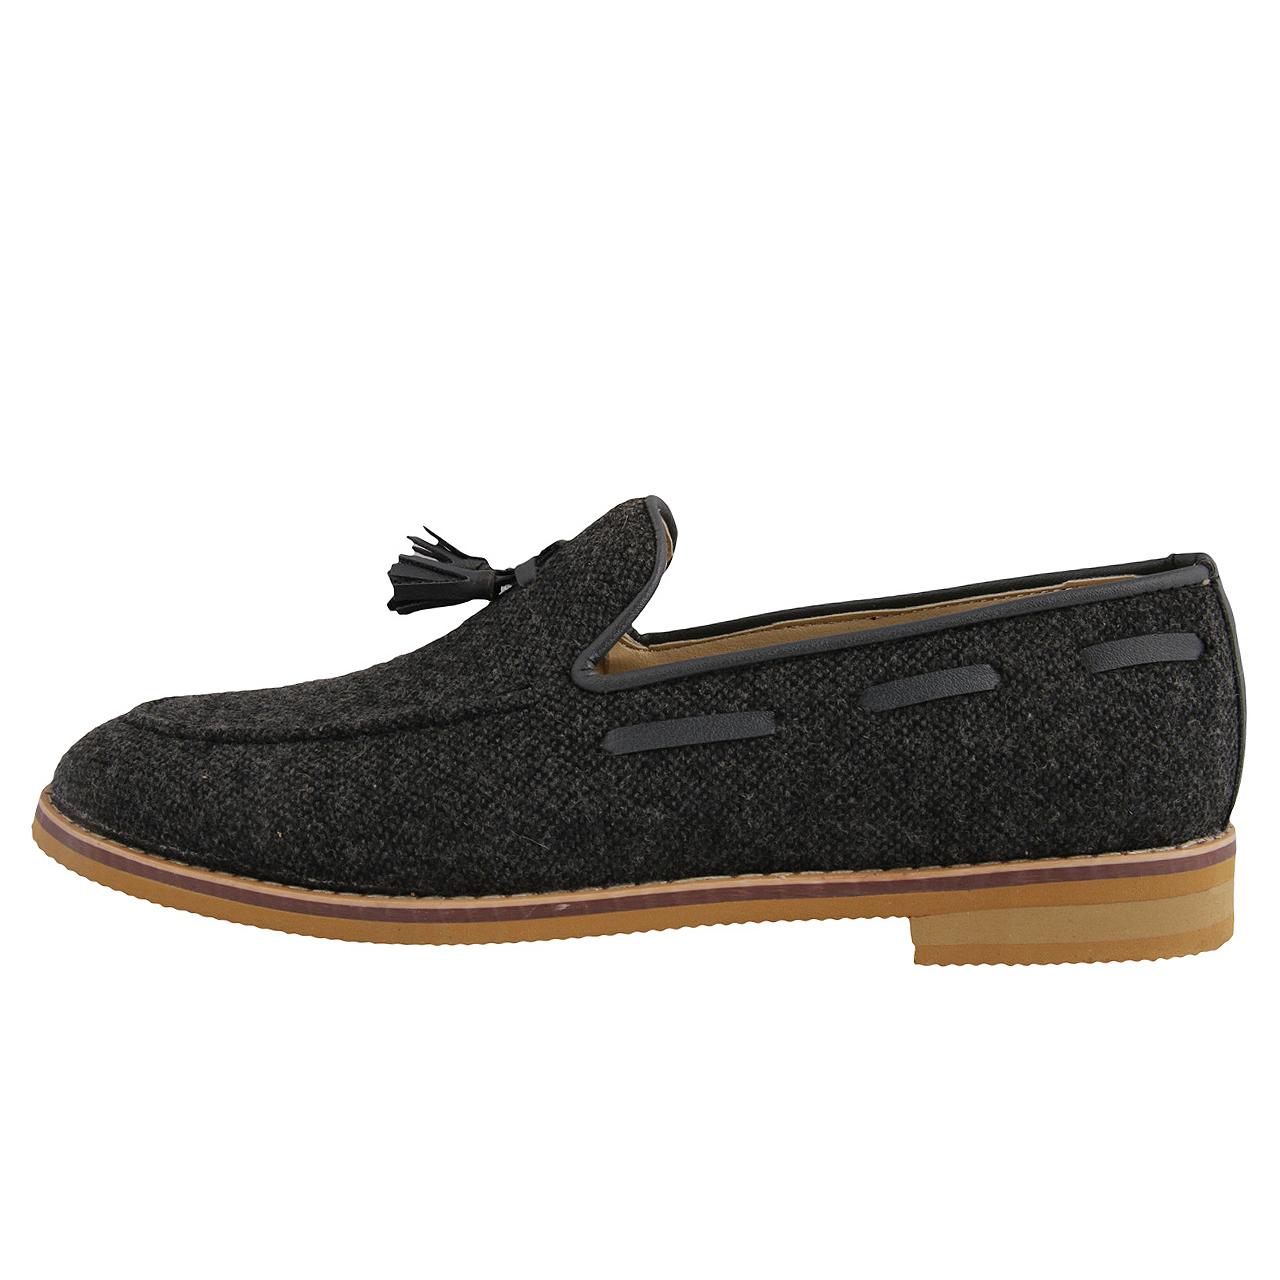 کفش مردانه کد 345045615